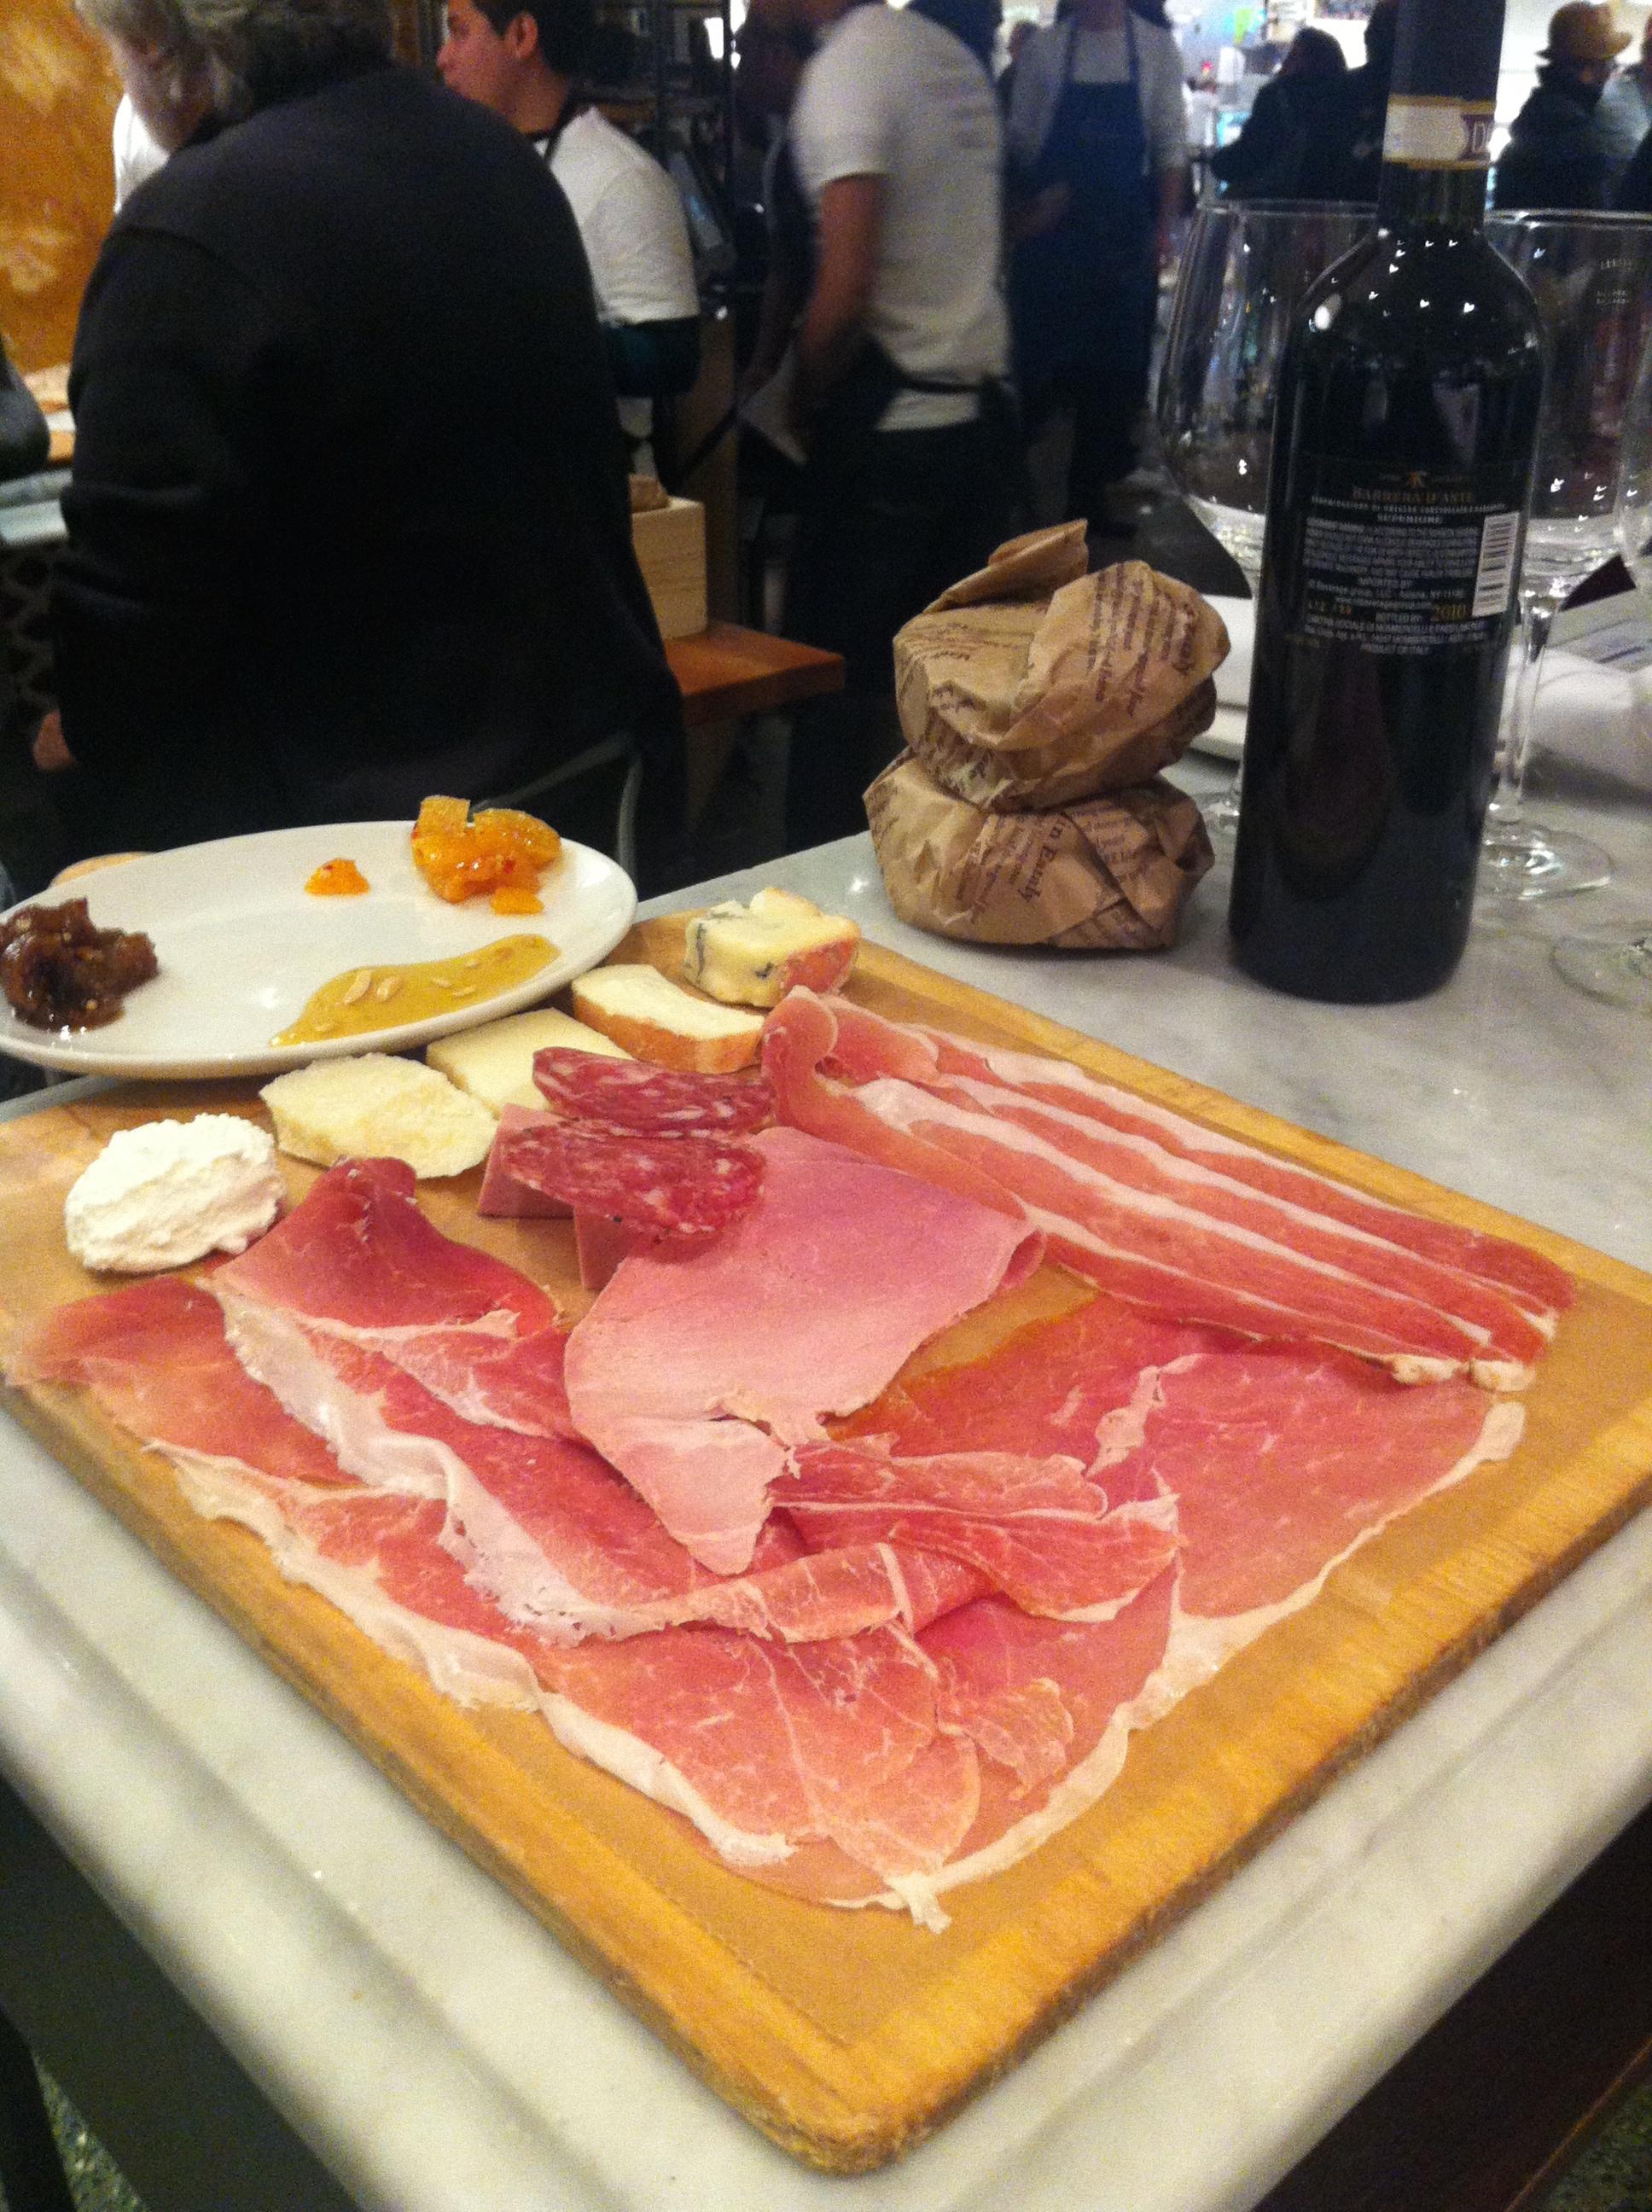 Parar pra almoçar na Salumeria e aproveitar a tábua de frioscom um delicioso Barbera D'Asti ou um Prosecco Flor e deixar o tempo passar enquanto se conversa demoradamente.